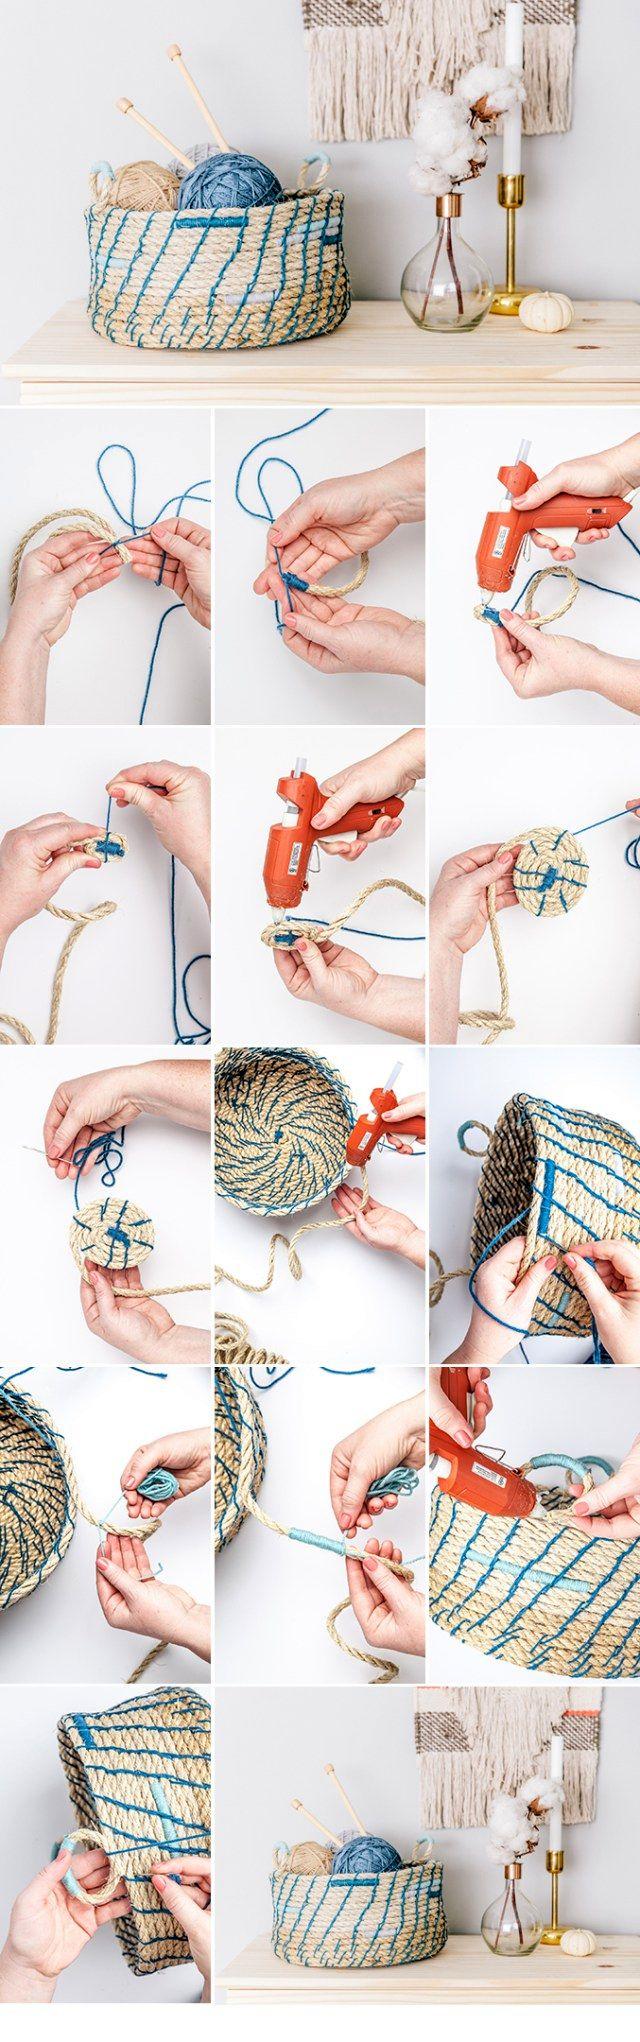 18-min-21 Как сделать корзину из веревки своими руками